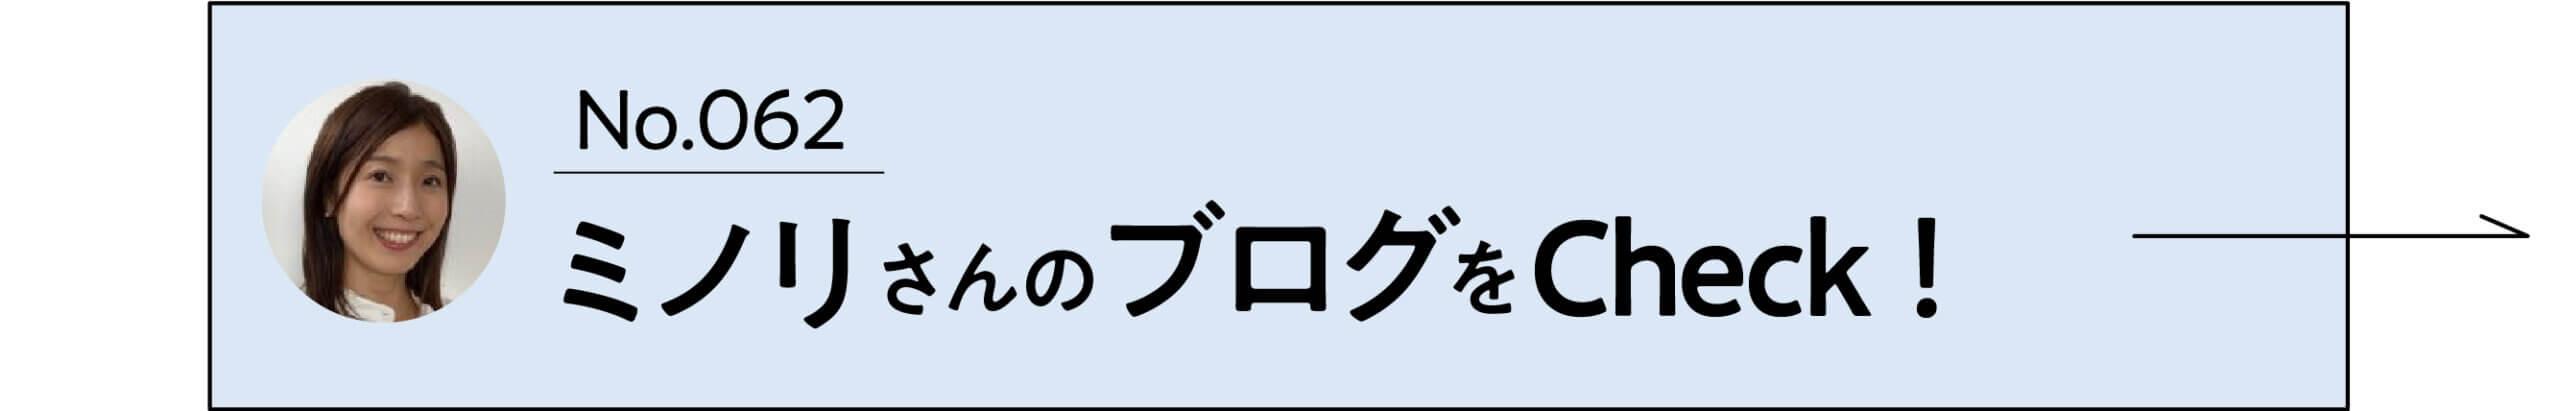 ミノリさんのブログをCheck!